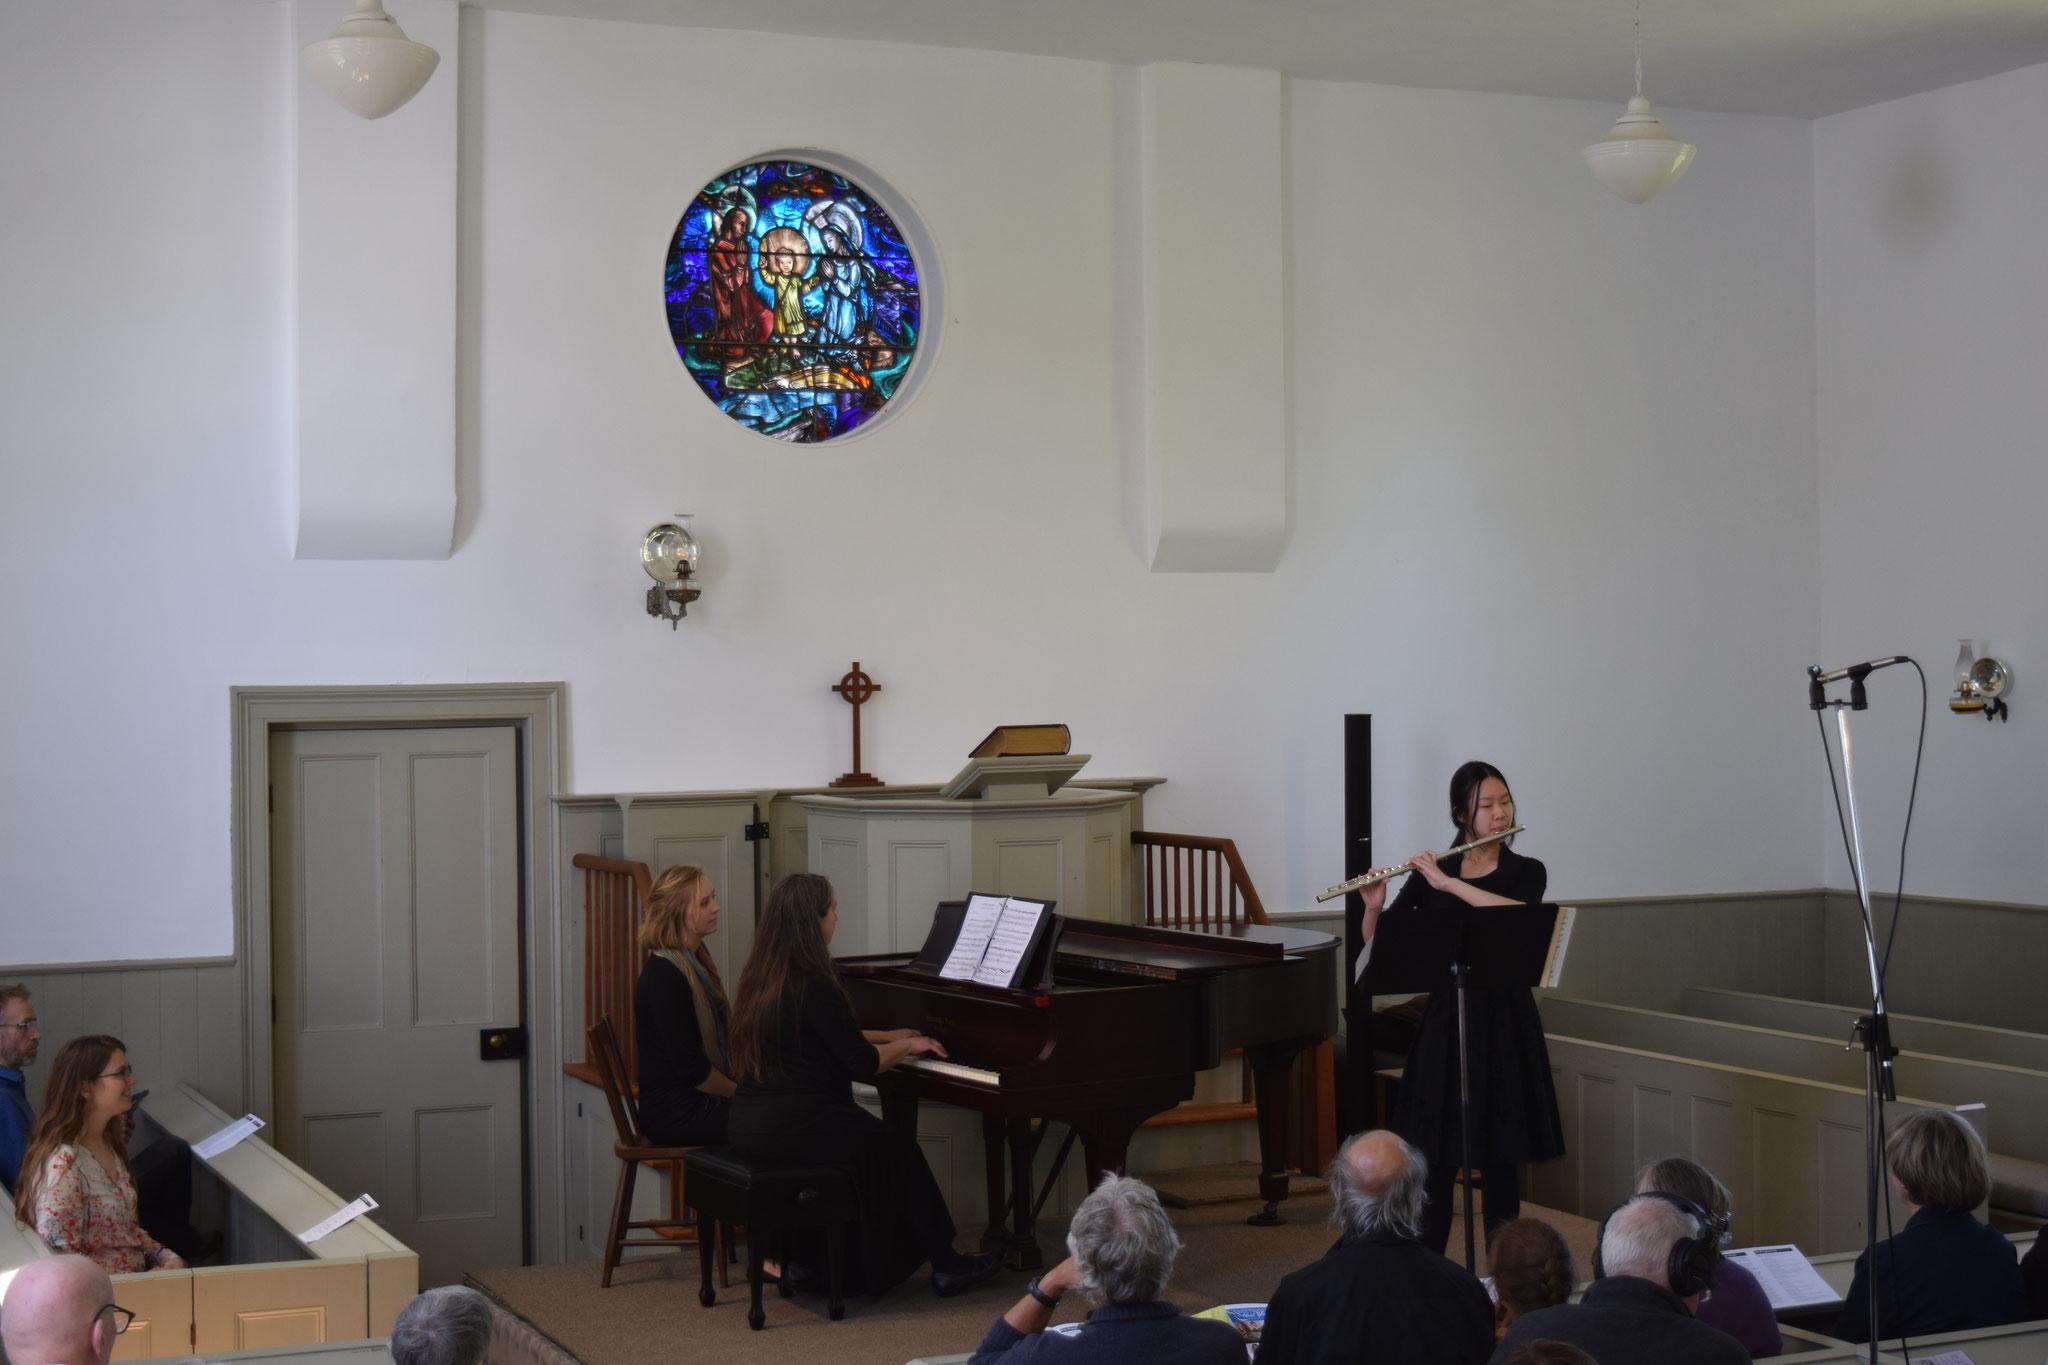 Flutist Suwan Yu in performance accompanied by Barbara Dyck.